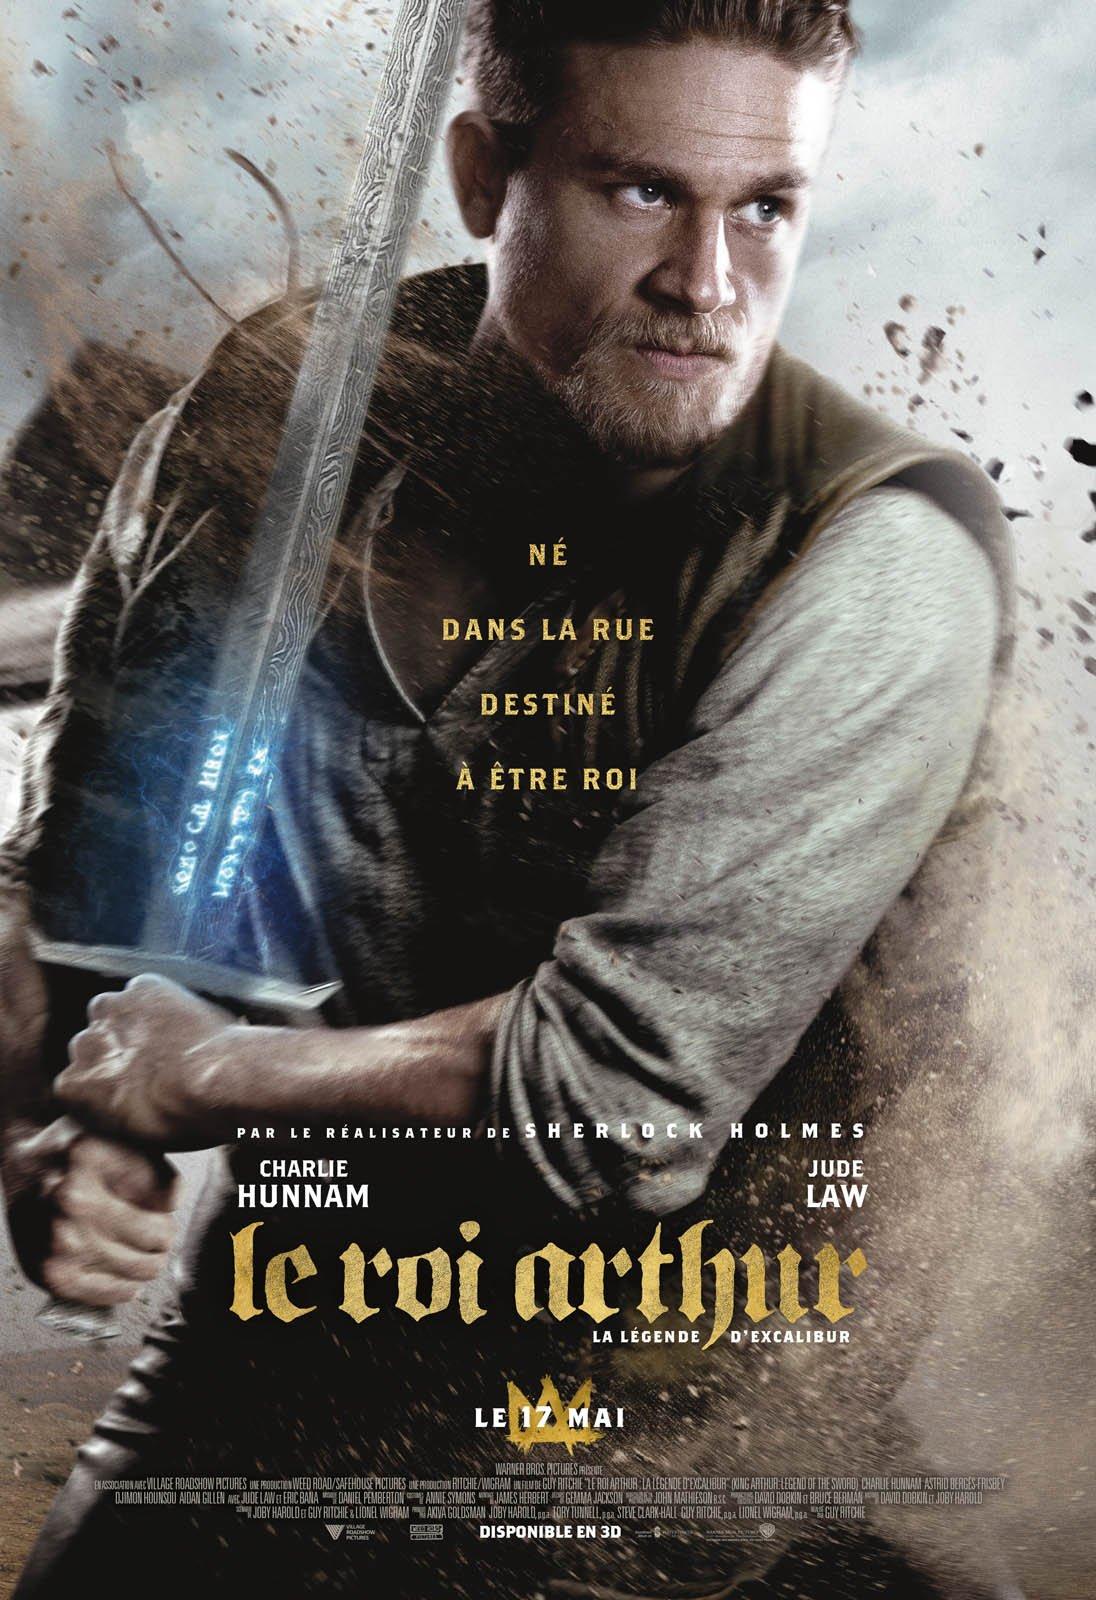 """Résultat de recherche d'images pour """"le roi arthur la légende d'excalibur affiche"""""""